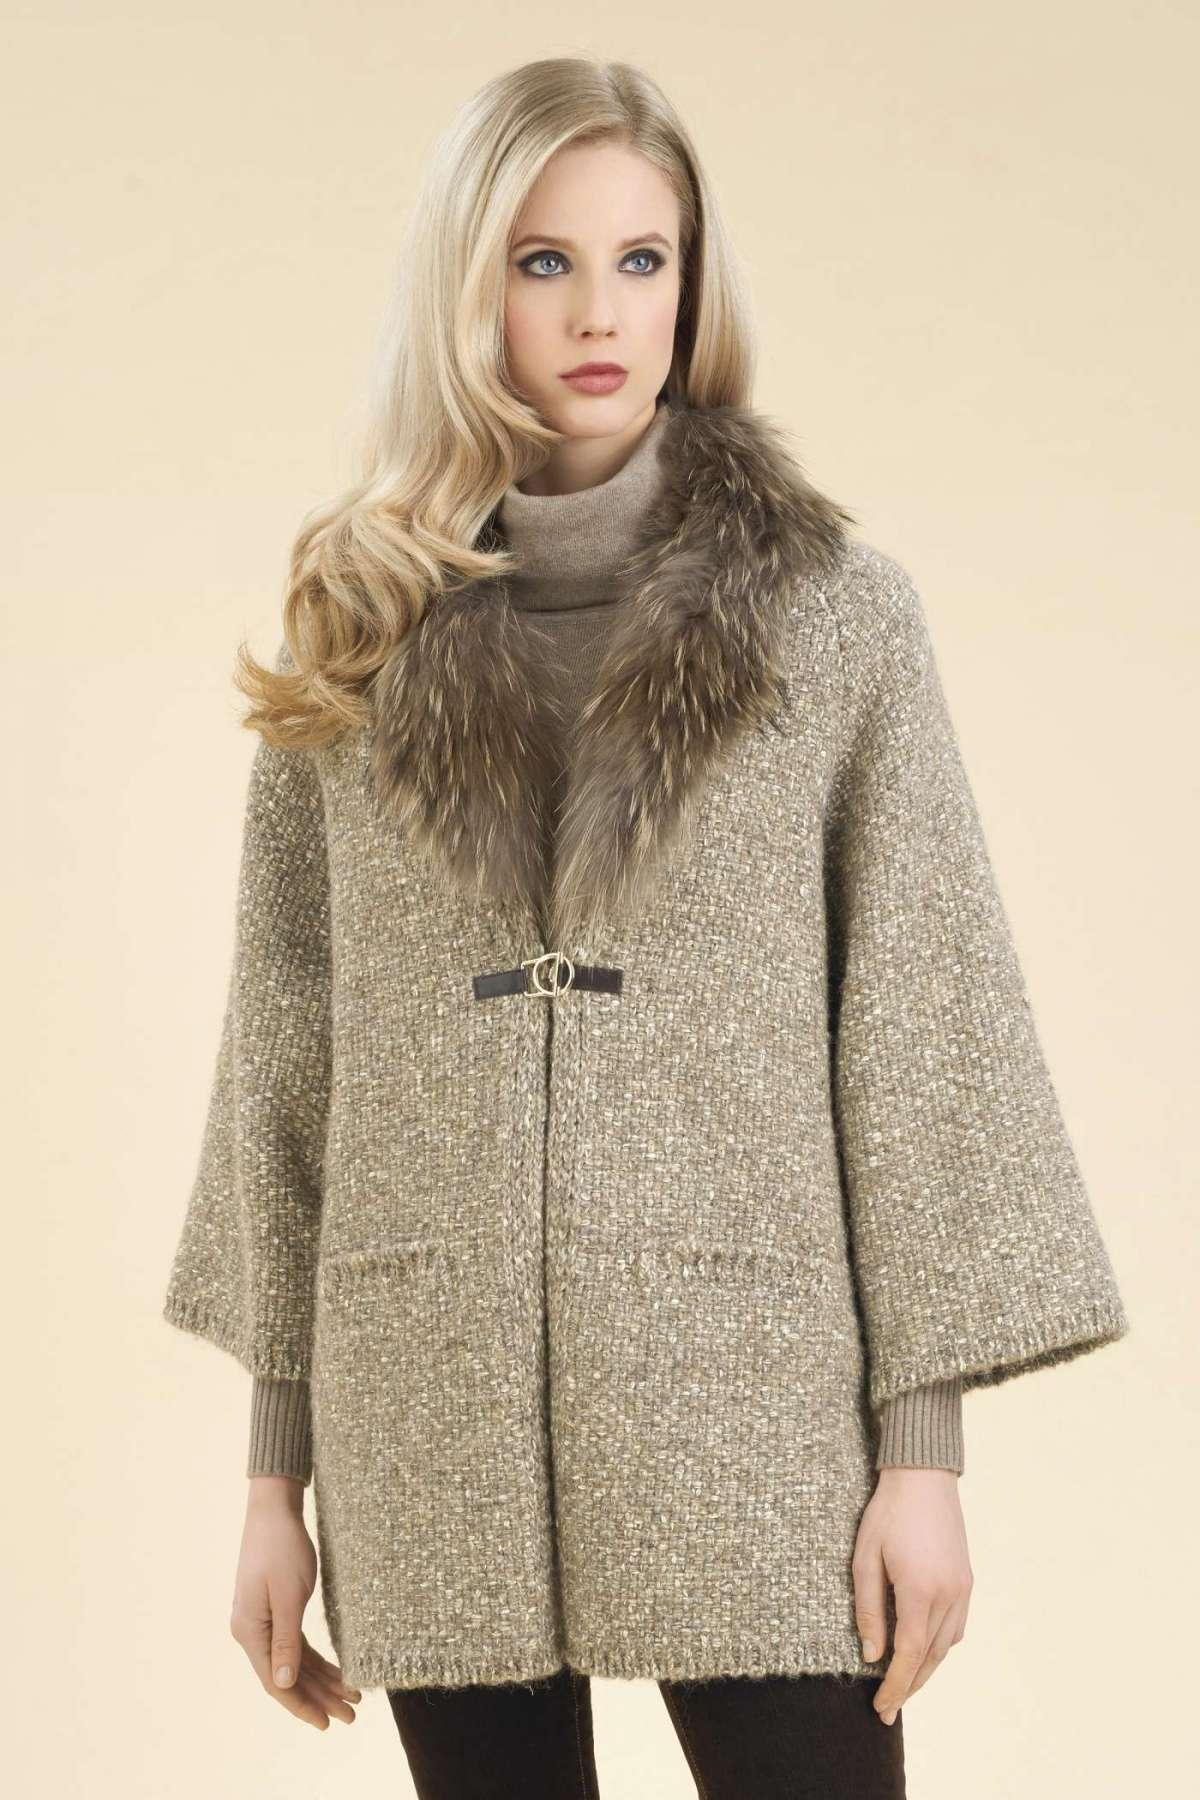 Cappotto in maglia con collo in pelliccia Luisa Spagnoli a 460 euro